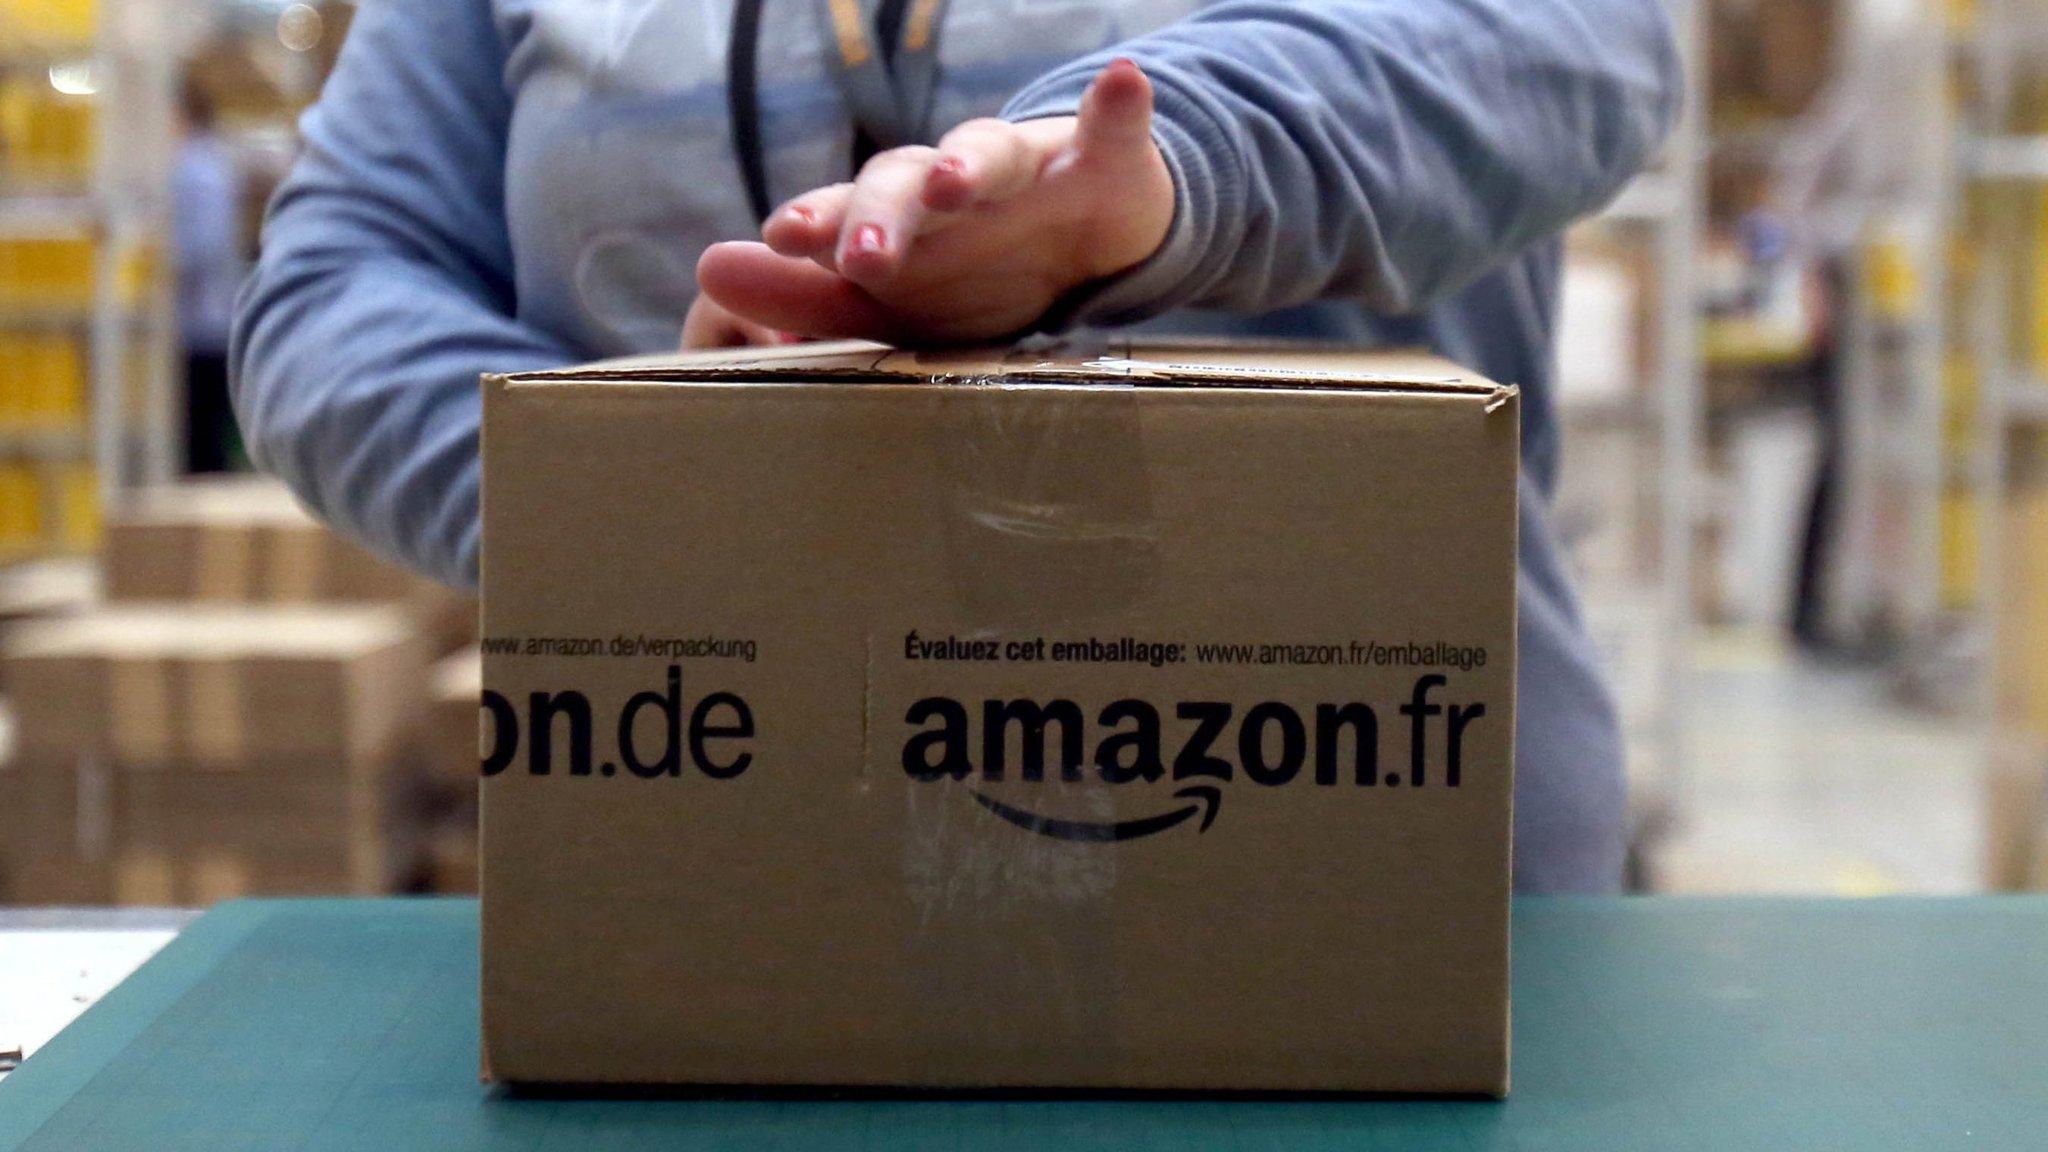 Amazon hits record $1.9bn profit on tax boost